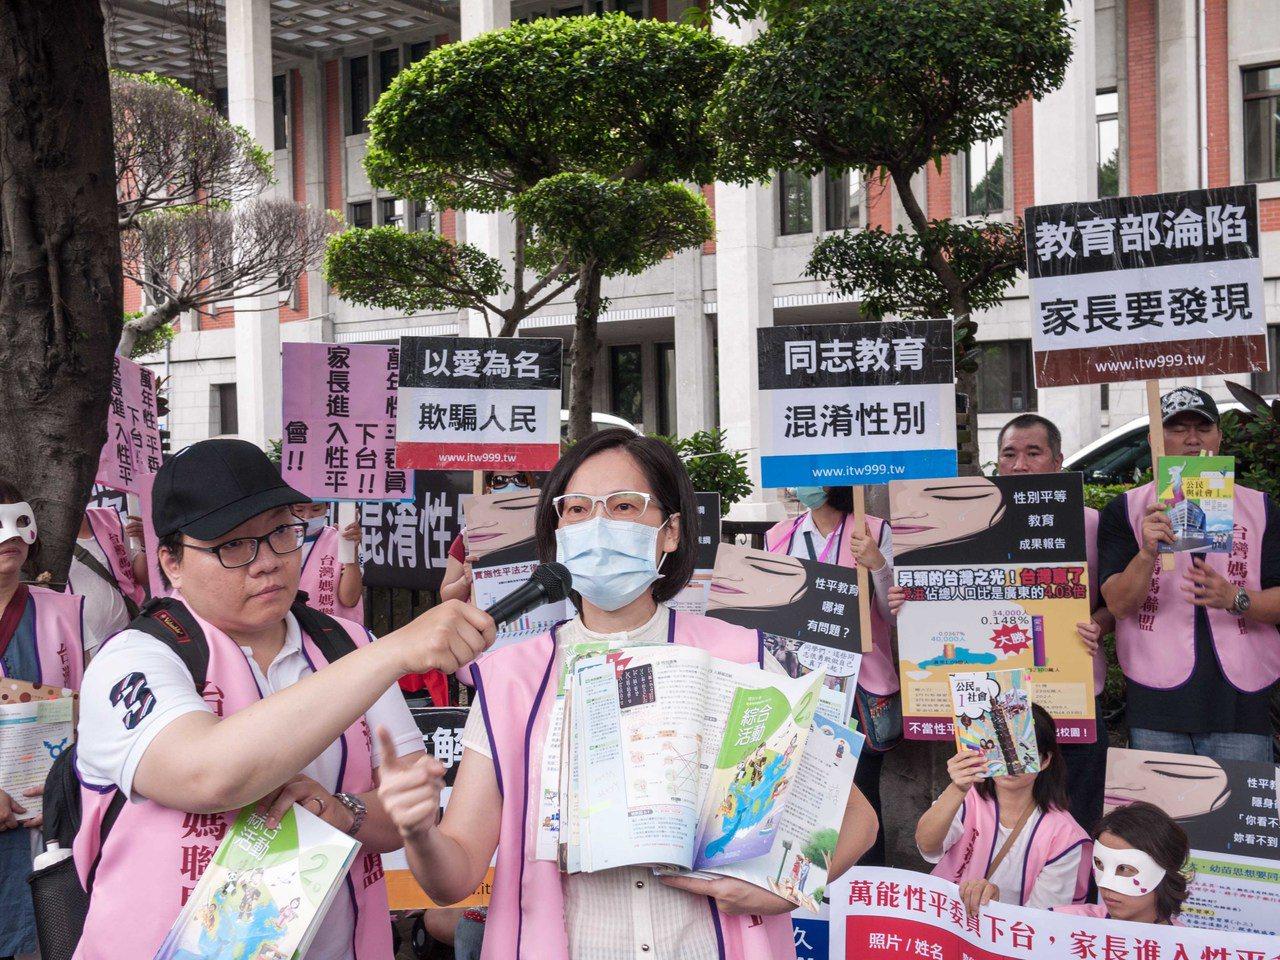 媽媽盟今天號召成員前來教育部希望「不當性平教材應退出校園」。記者林良齊/攝影